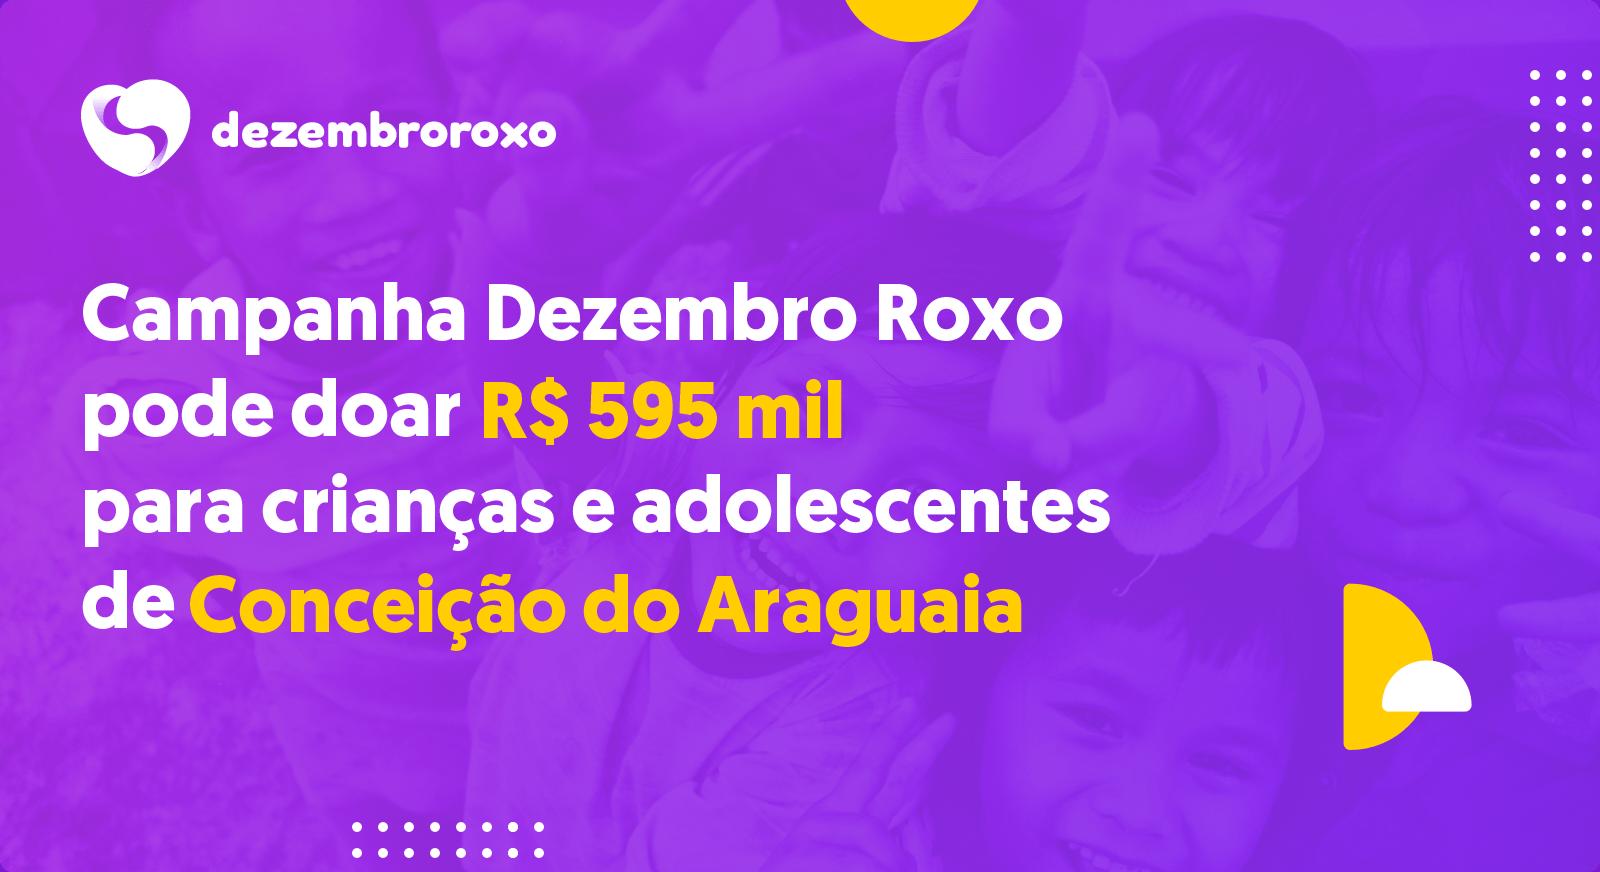 Doações em Conceição do Araguaia - PA